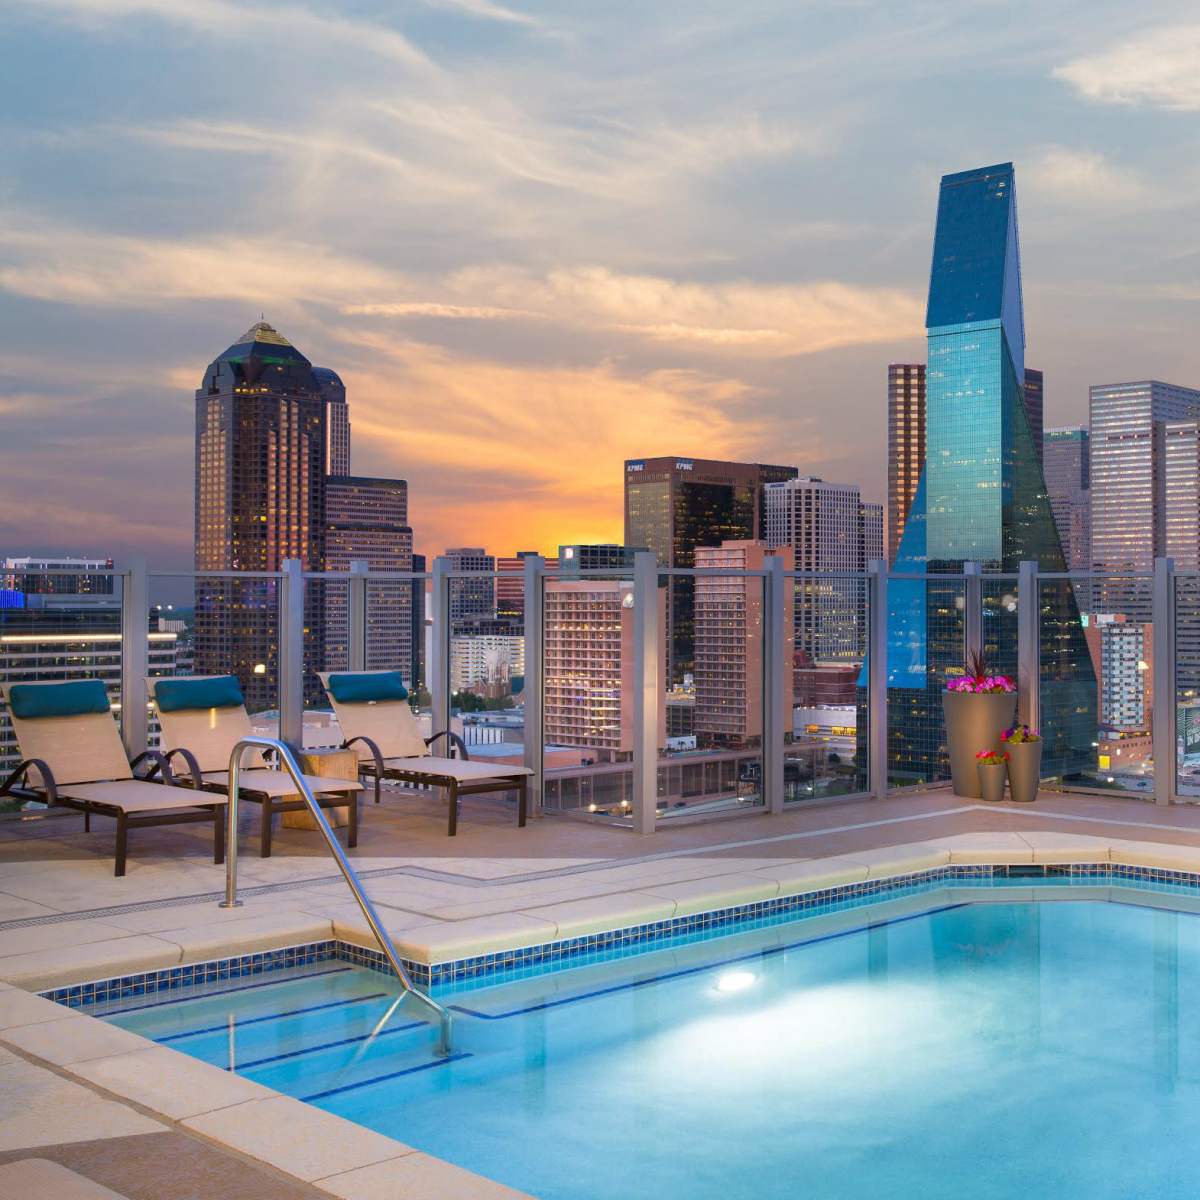 SkyHouse Dallas apartments